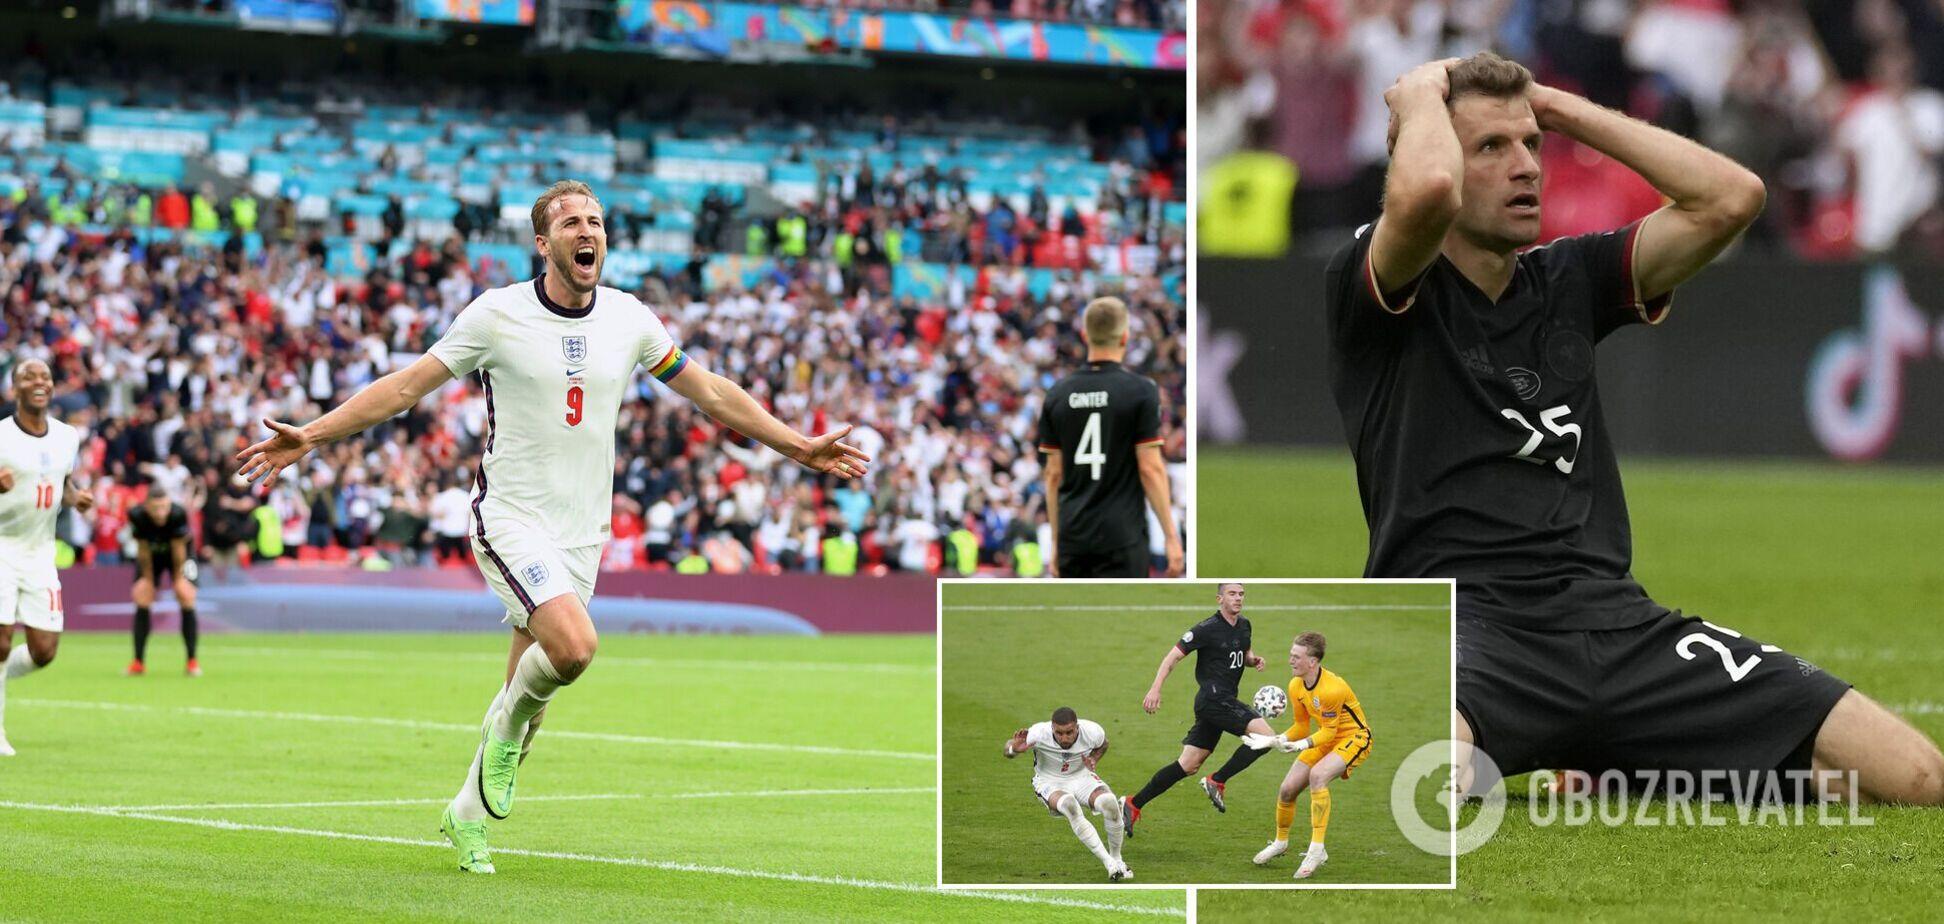 Німеччина програла Англії і вперше в історії вилетіла з 1/8 фіналу ЧЄ